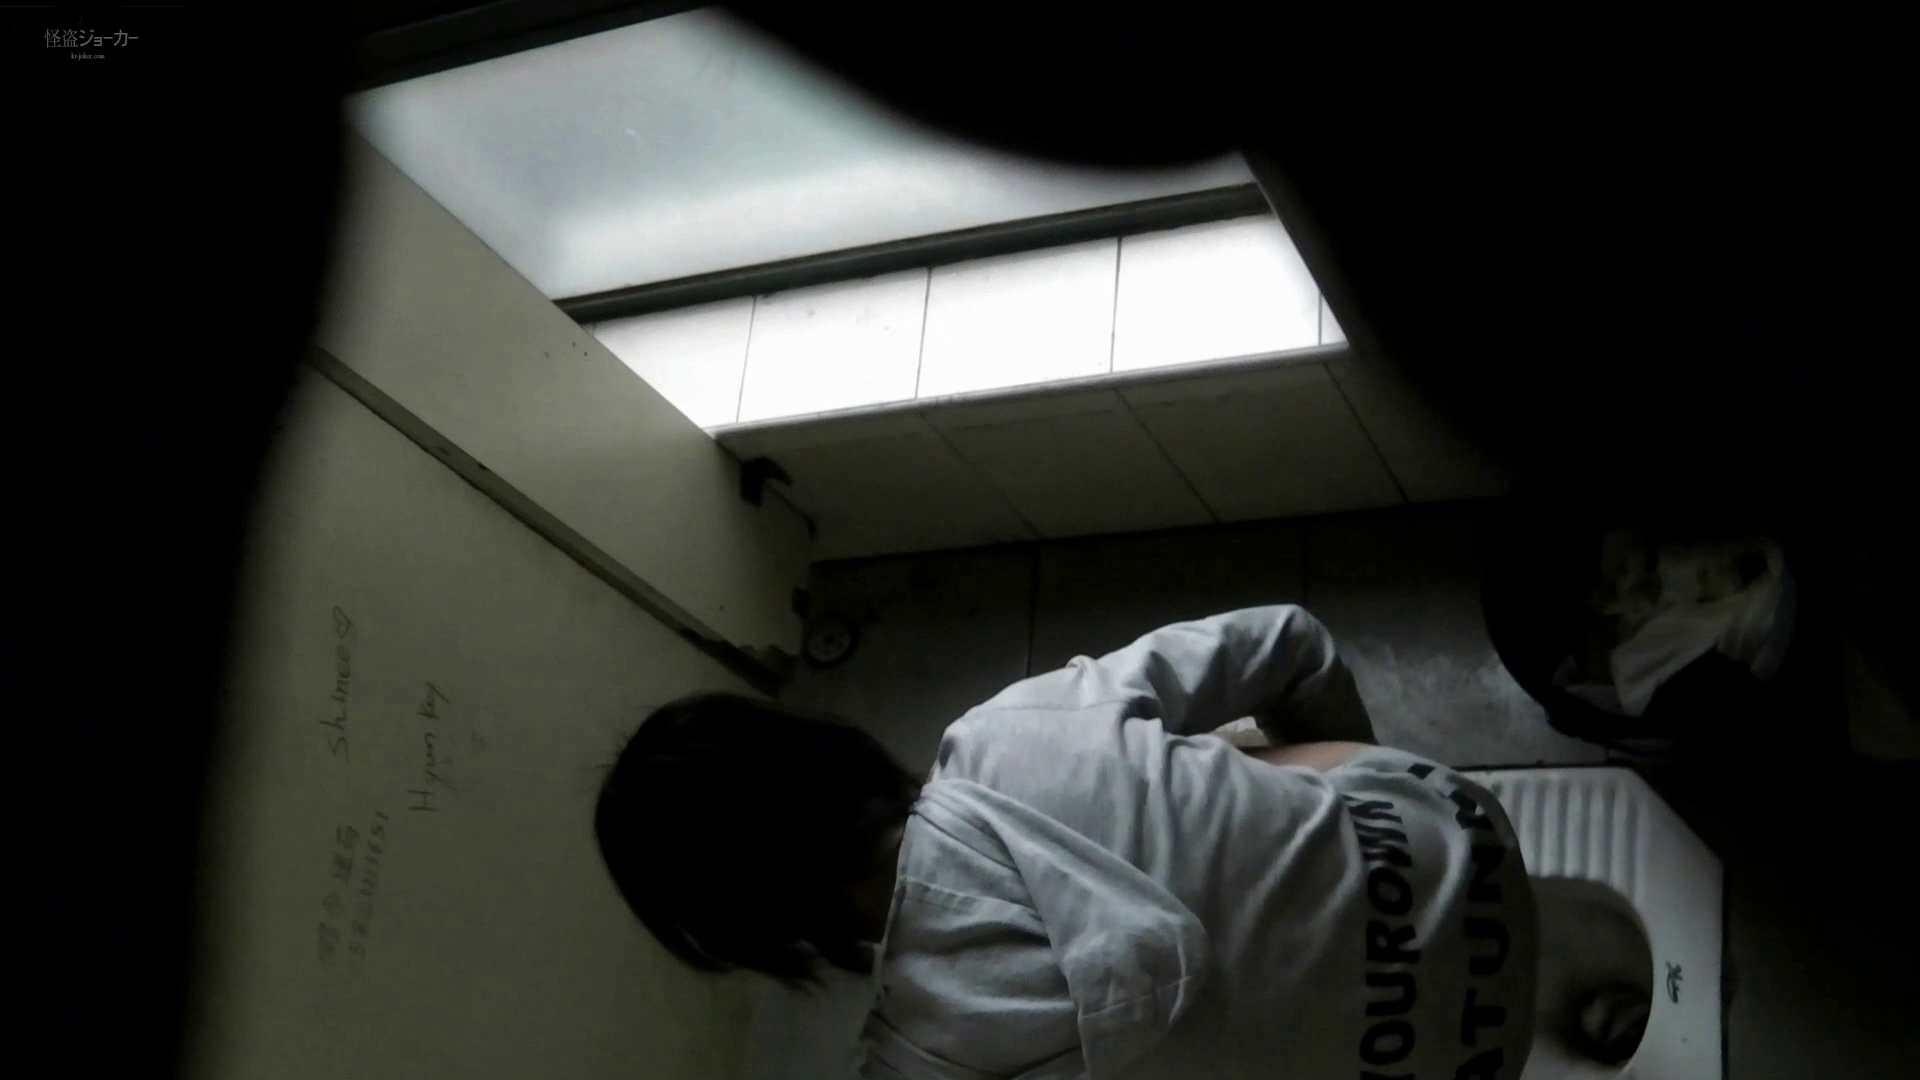 ステーション編 vol.25 必見桜庭みなみ?似 登場! 盛合せ SEX無修正画像 110画像 93